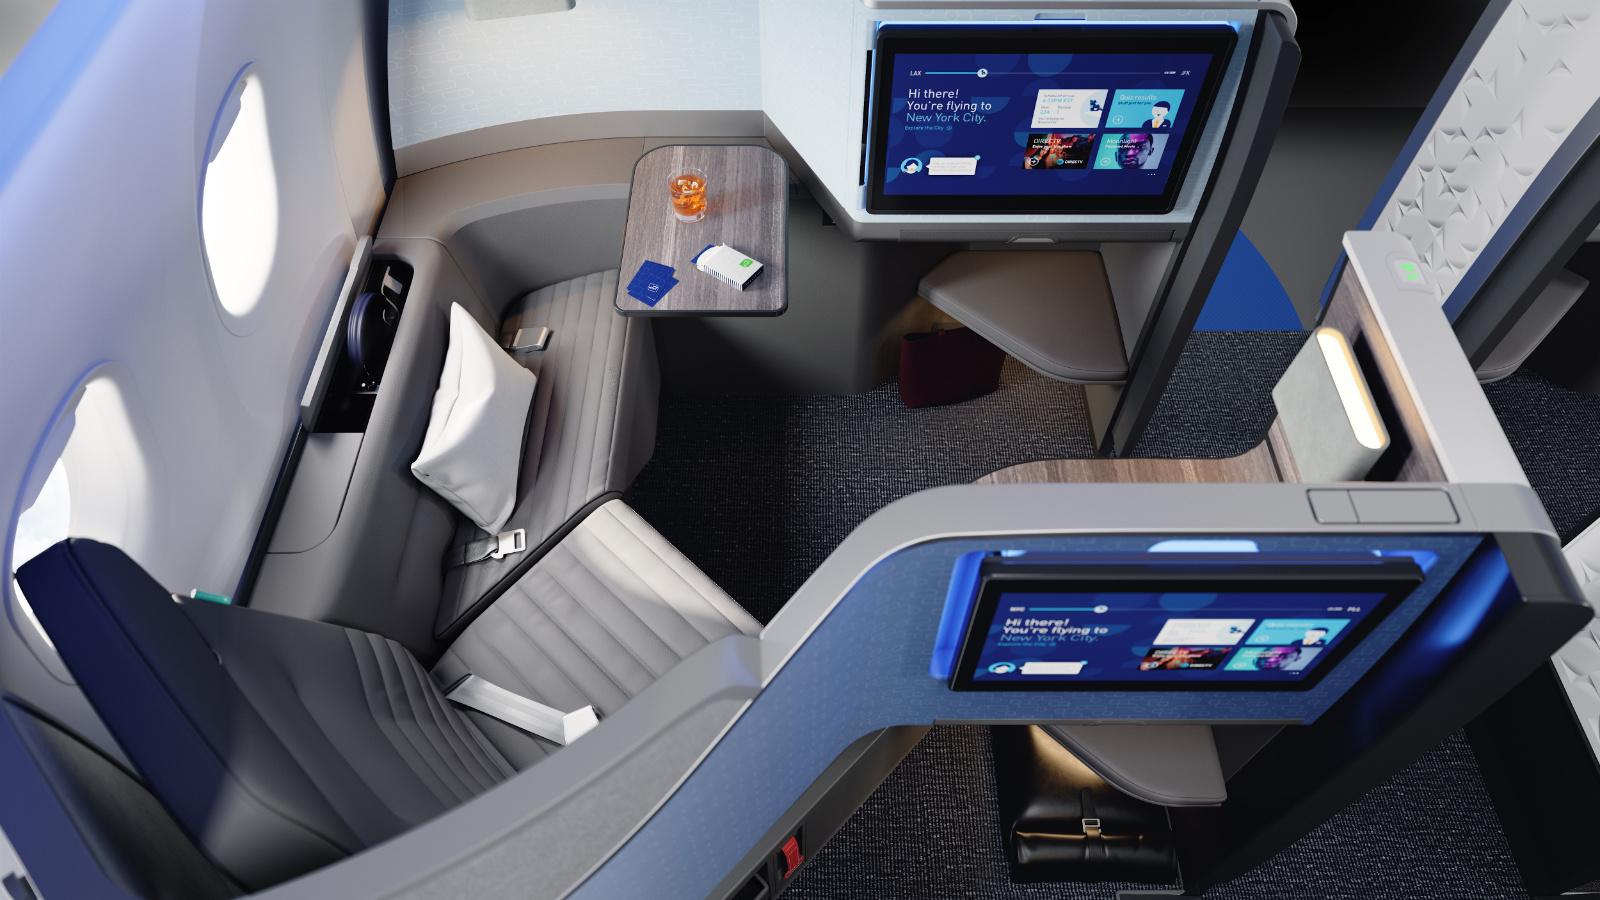 JetBlue Mint 2021 Suite